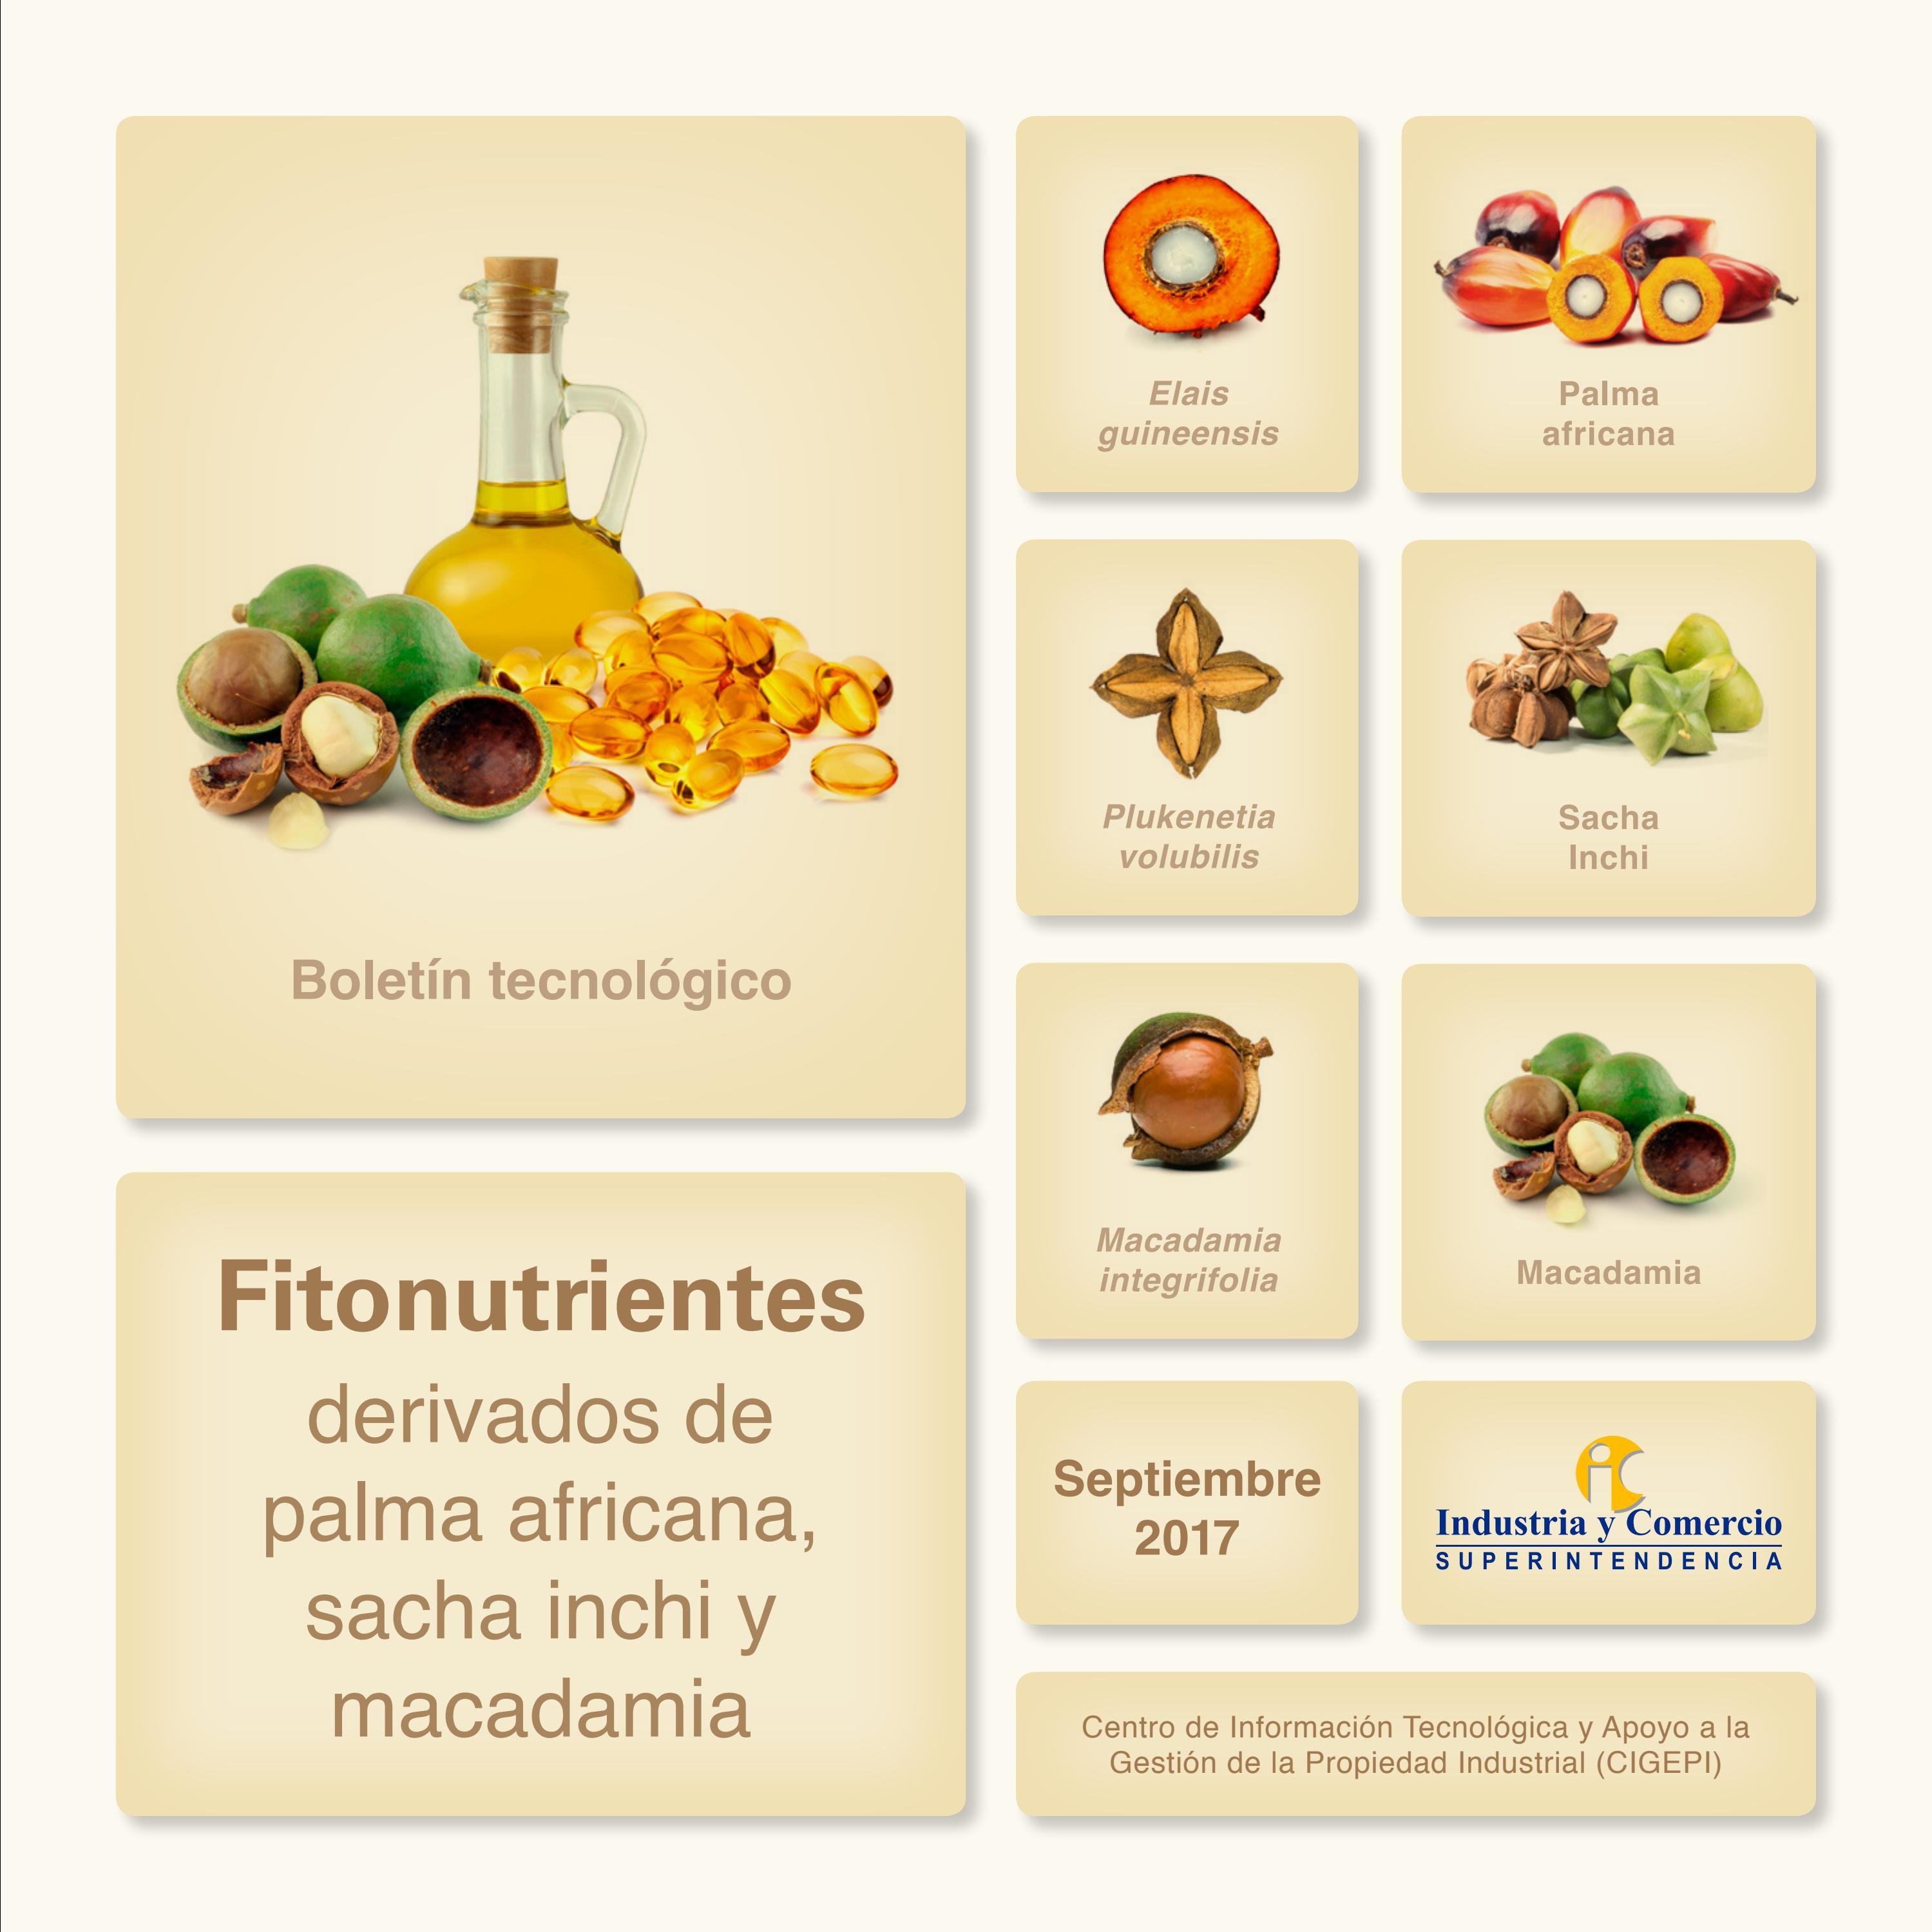 manejo nutricional de la palma aceitera de la diabetes